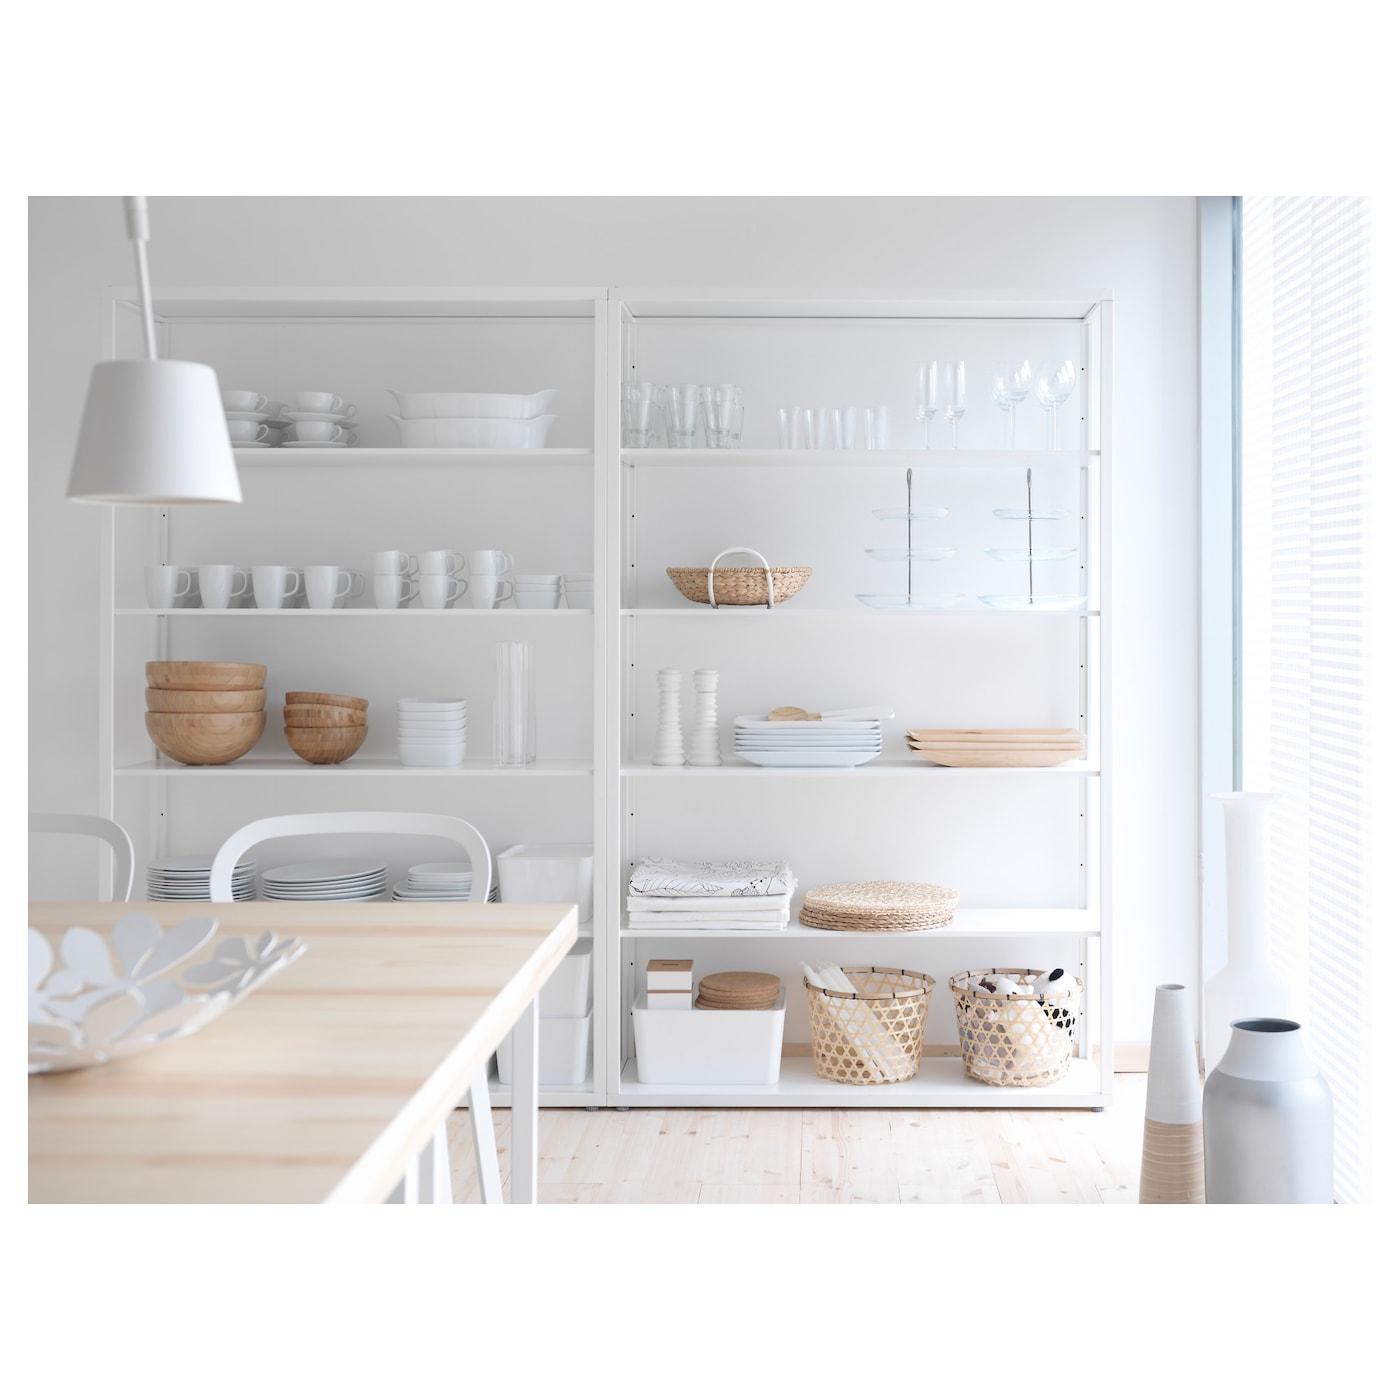 Full Size of Betten Ikea 160x200 Küche Kosten Modulküche Büroküche Miniküche Stehhilfe Kaufen Bei Sofa Mit Schlaffunktion Wohnzimmer Stehhilfe Büro Ikea